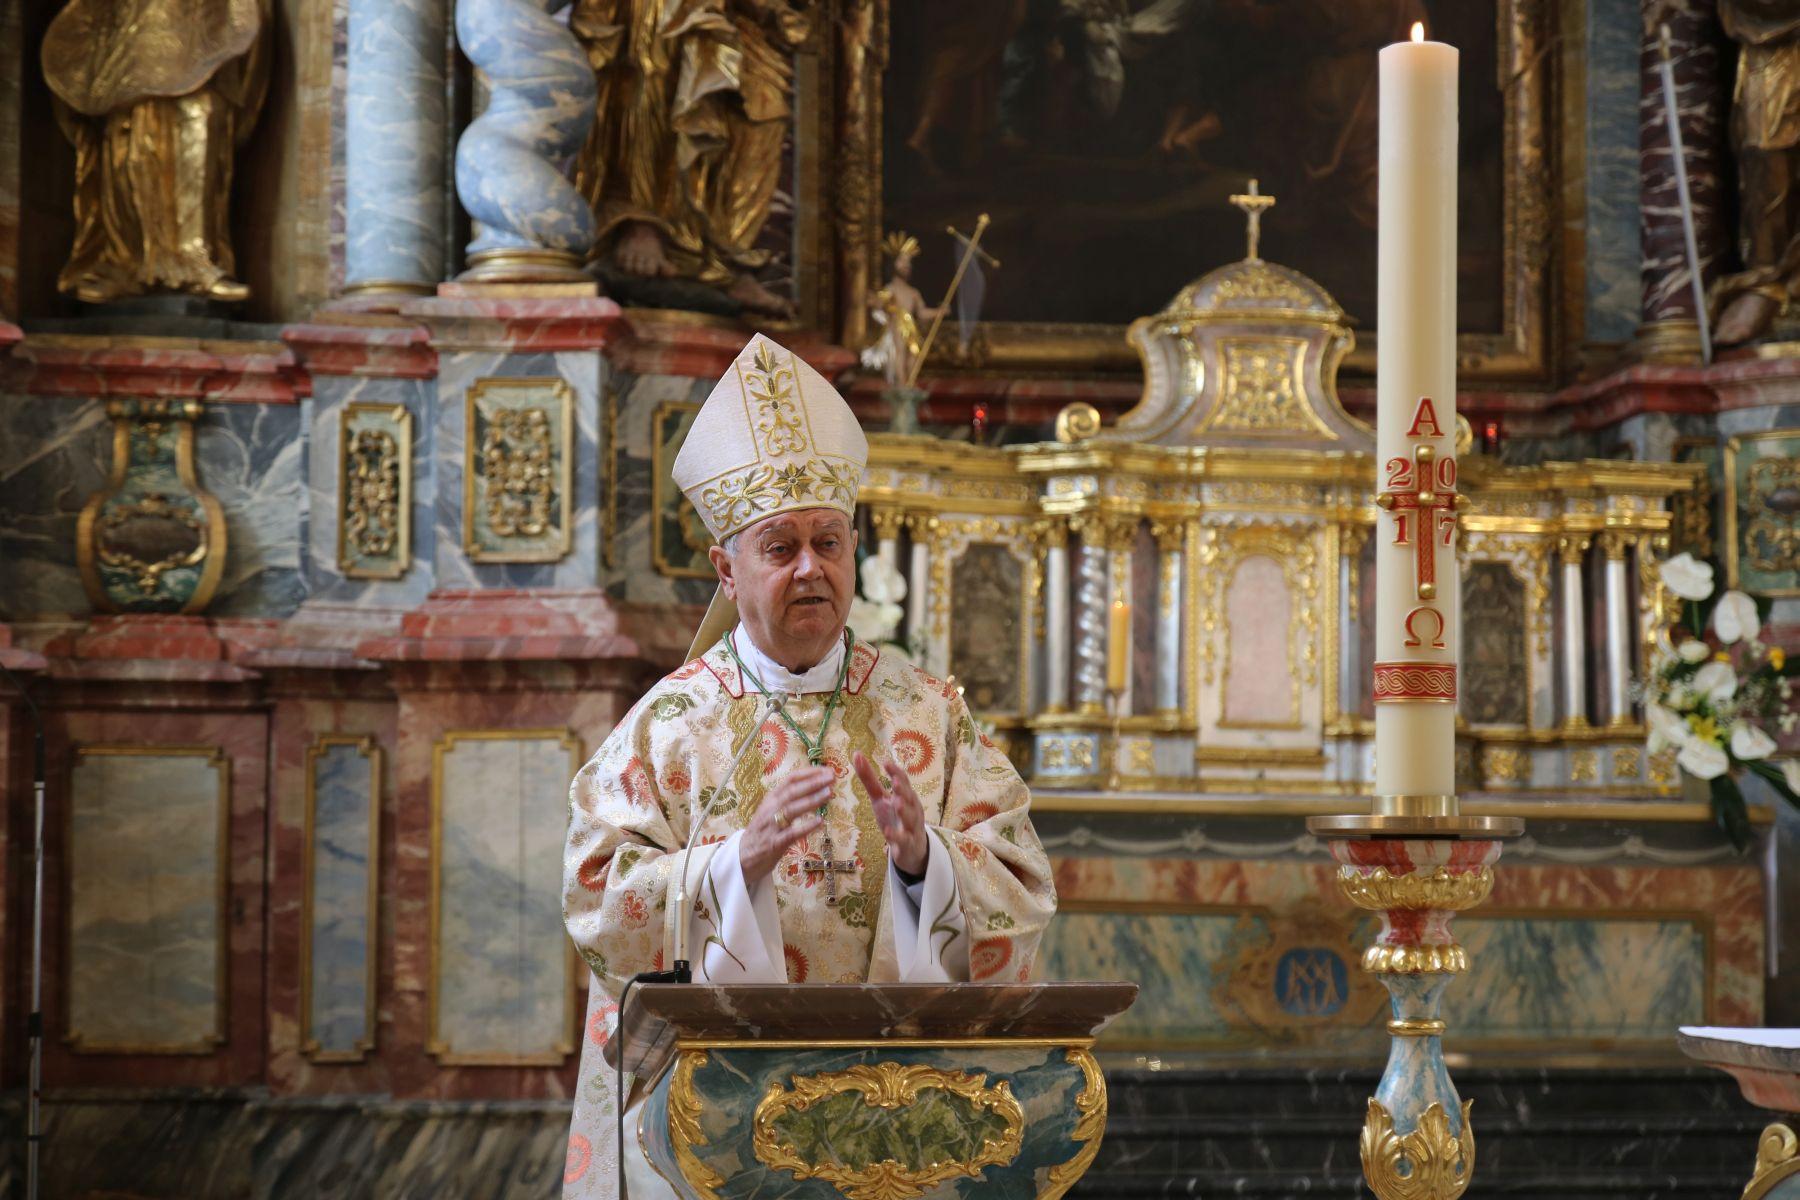 """Mons. Mrzljak predvodio uskrsno misno slavlje: """"U Isusovom uskrsnuću gledamo smisao našeg života"""""""